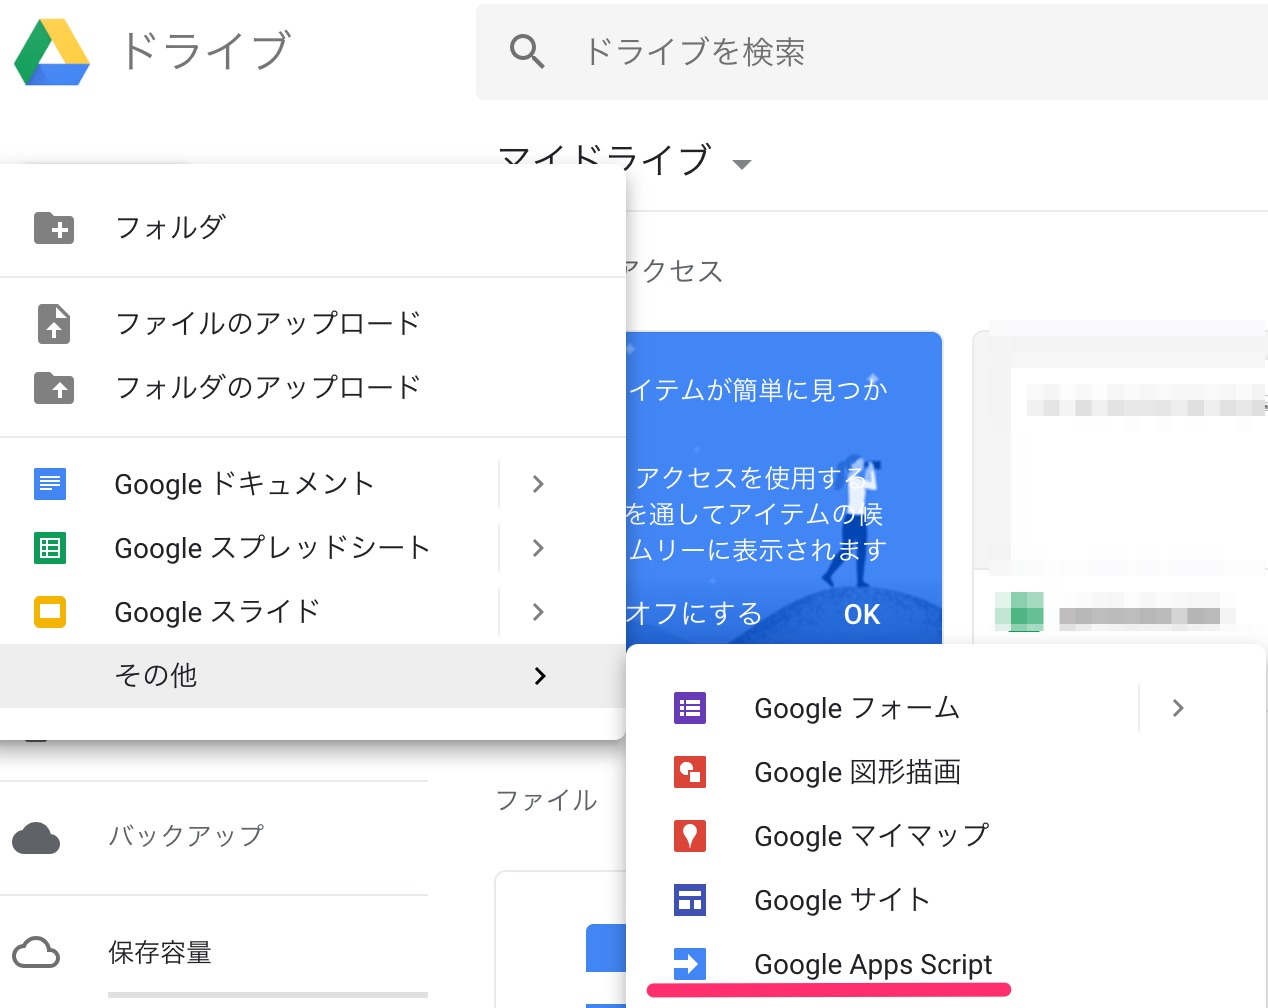 マイドライブ_-_Google_ドライブ.jpg